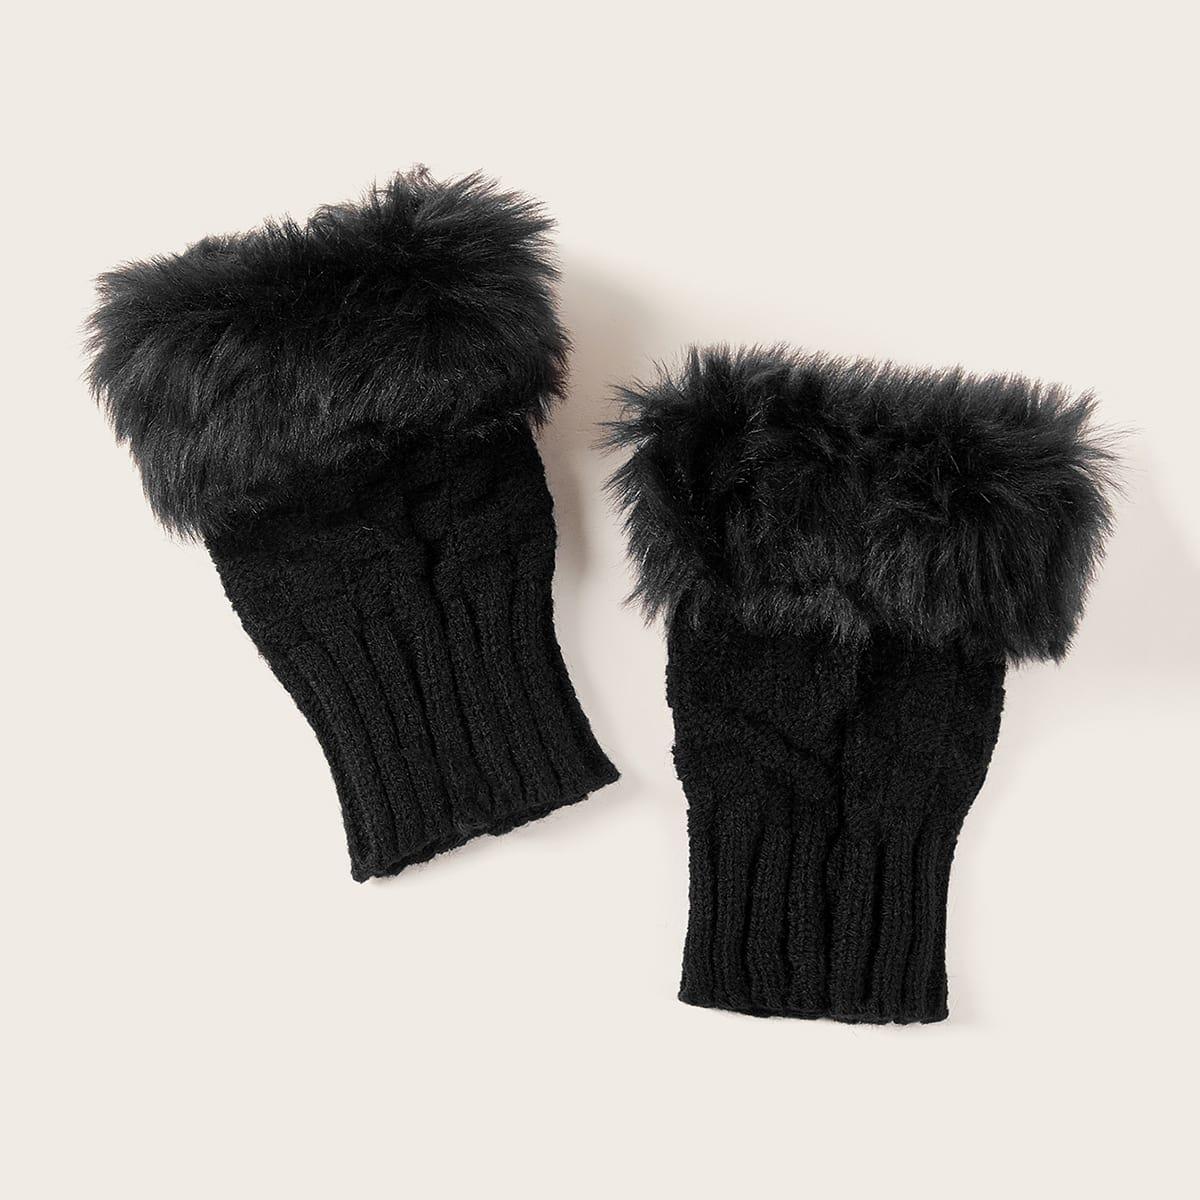 Вязаные перчатки с плюшевой отделкой 1 пара от SHEIN